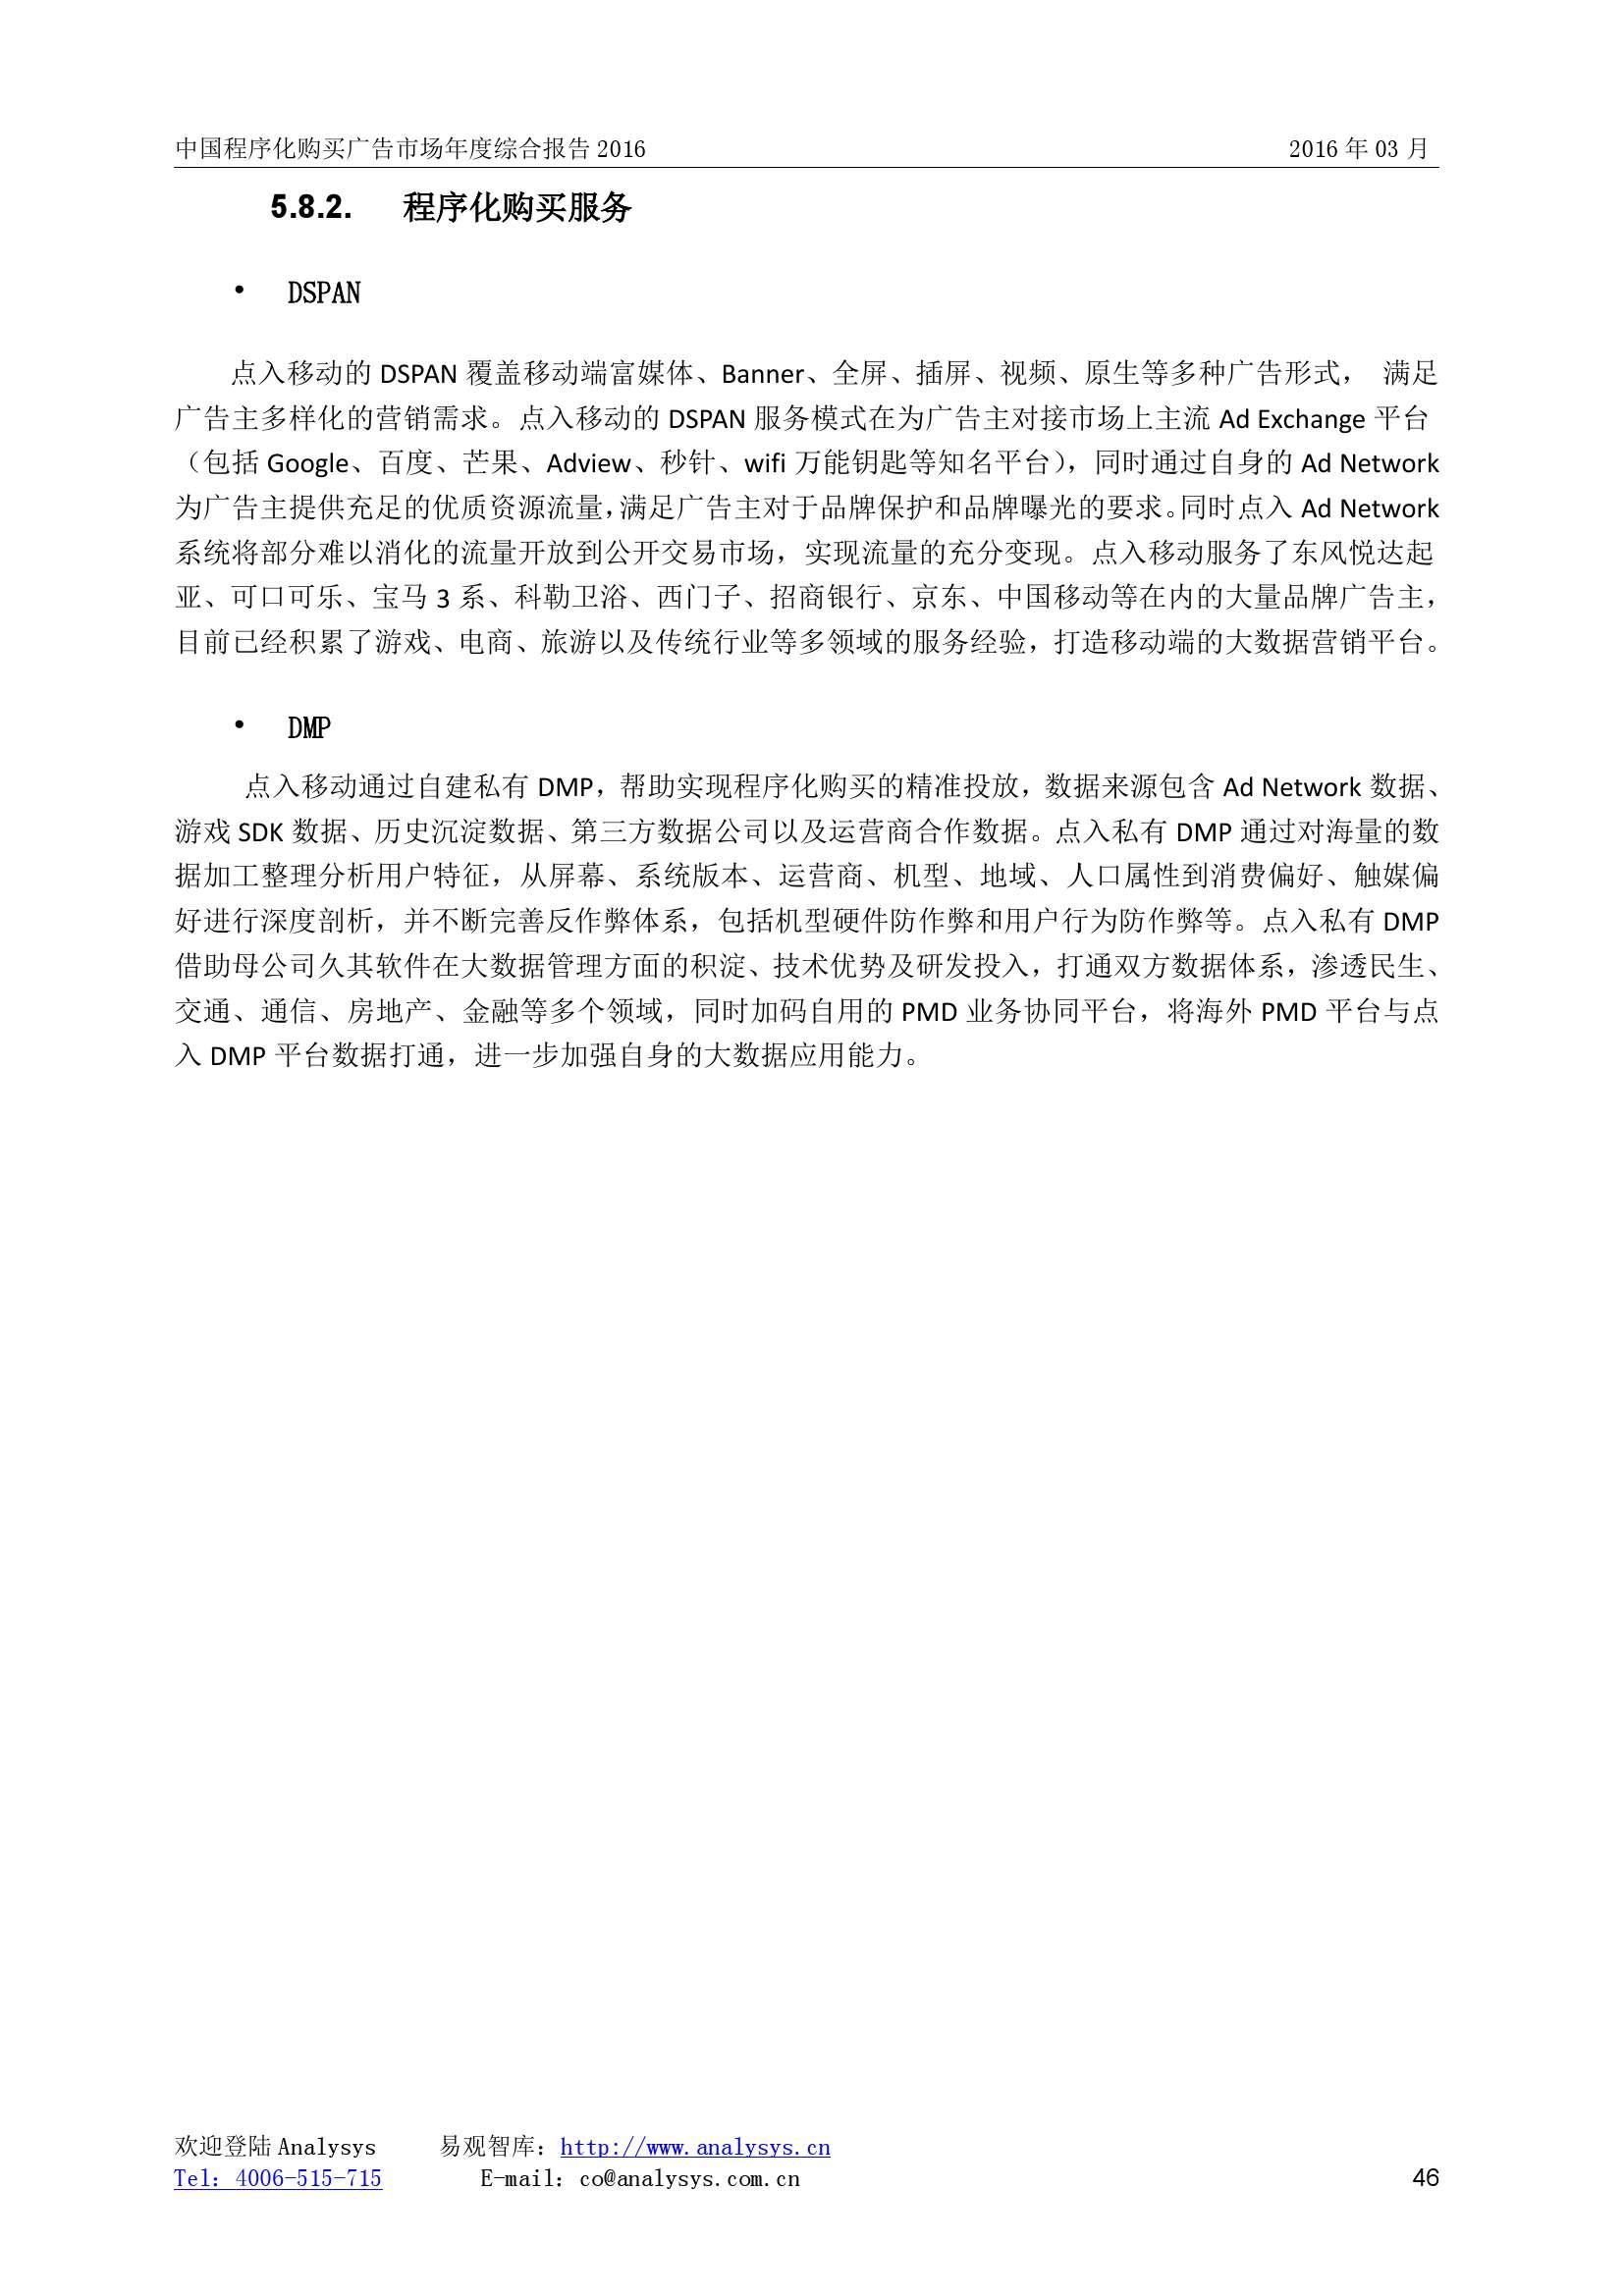 中国程序化购买广告市场年度综合报告2016_000046